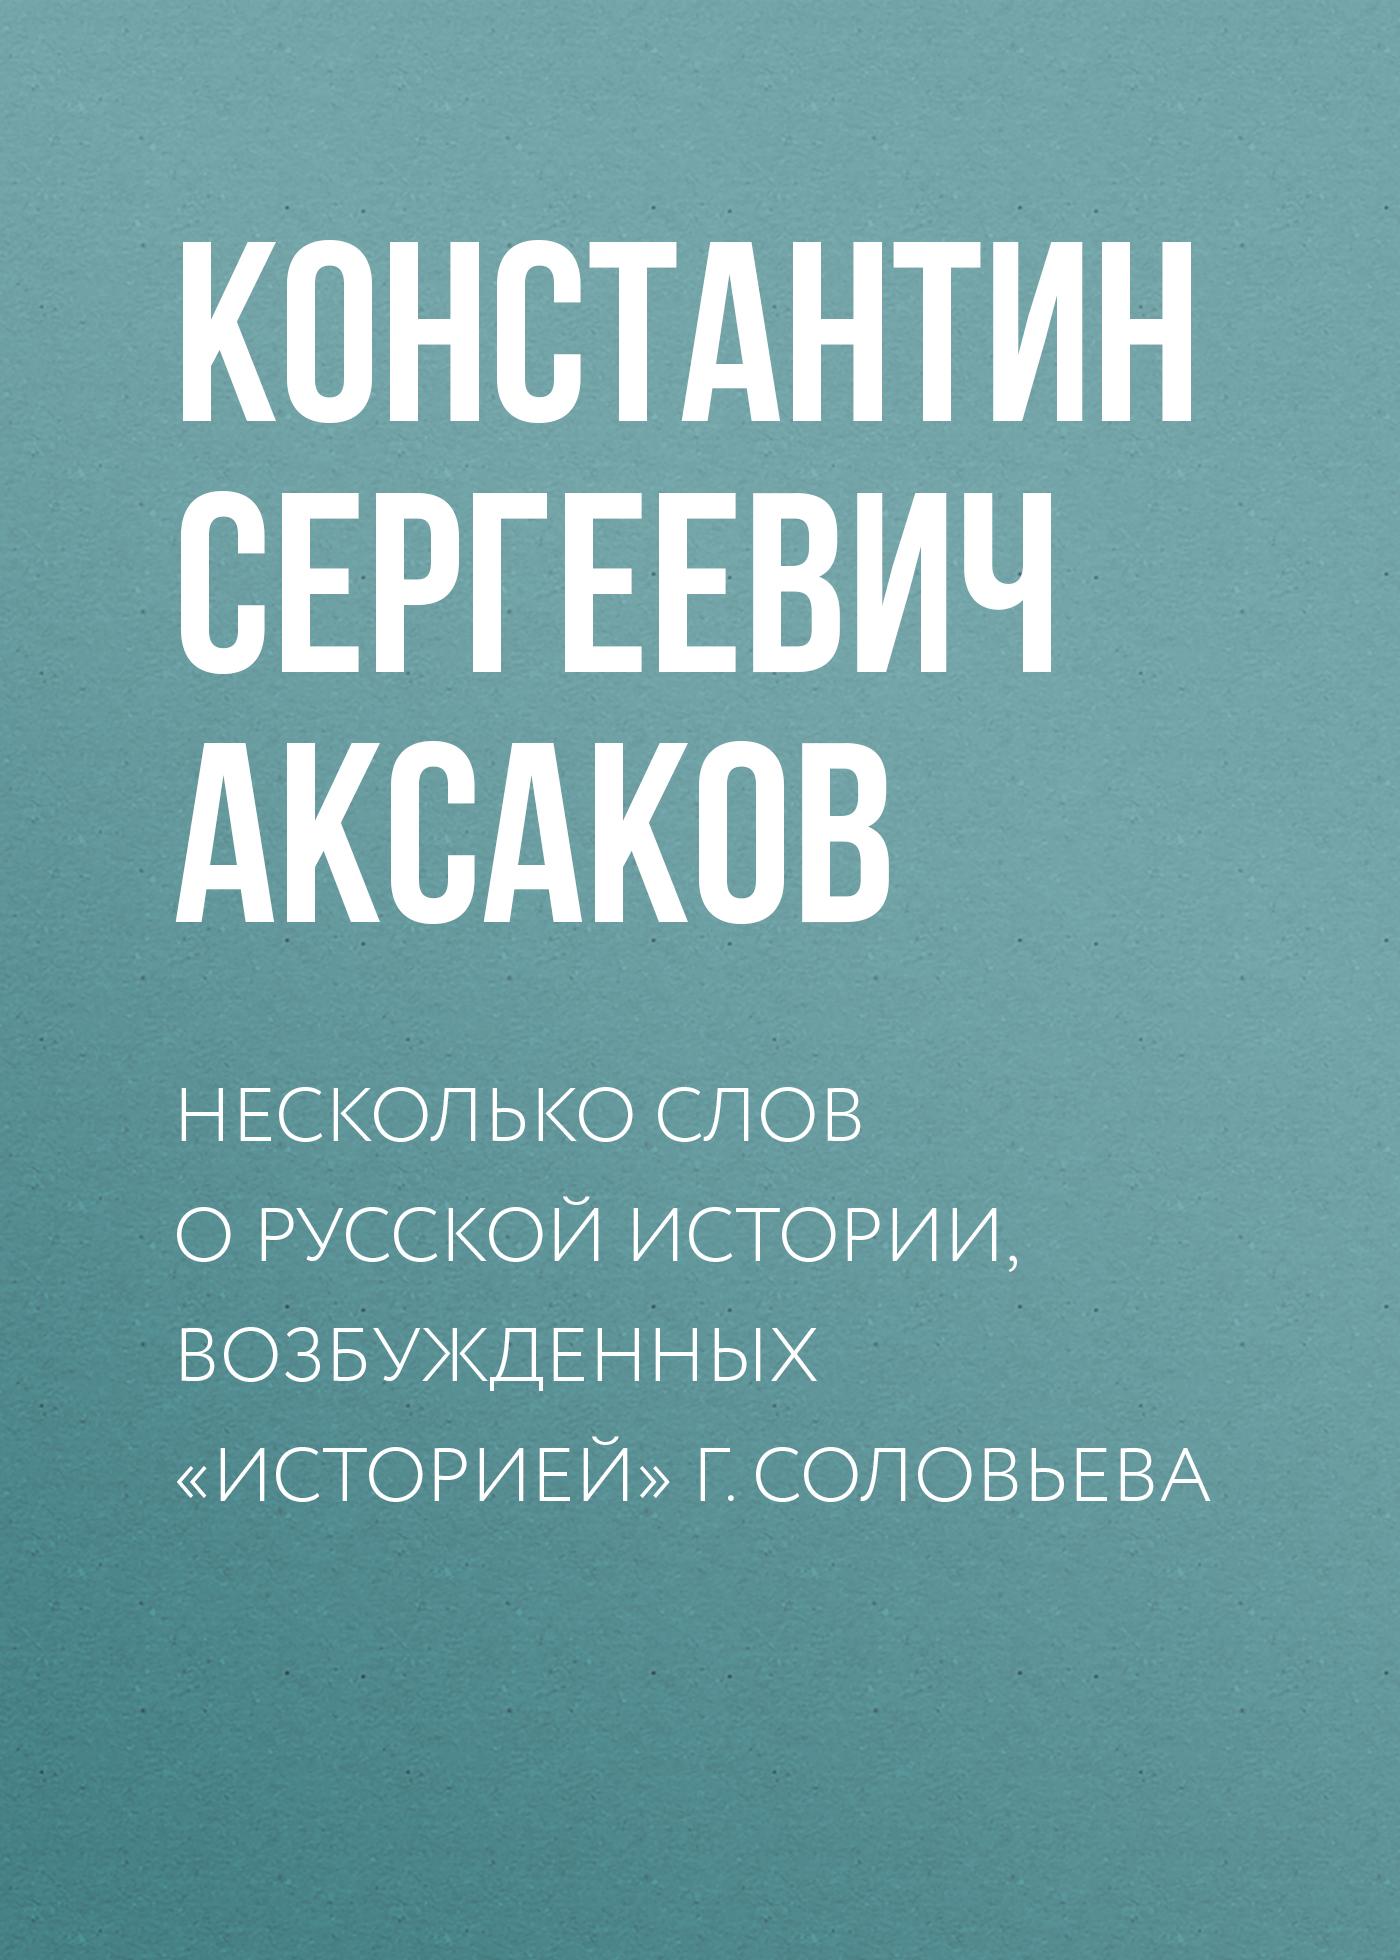 Константин Сергеевич Аксаков Несколько слов о русской истории, возбужденных «Историей» г. Соловьева